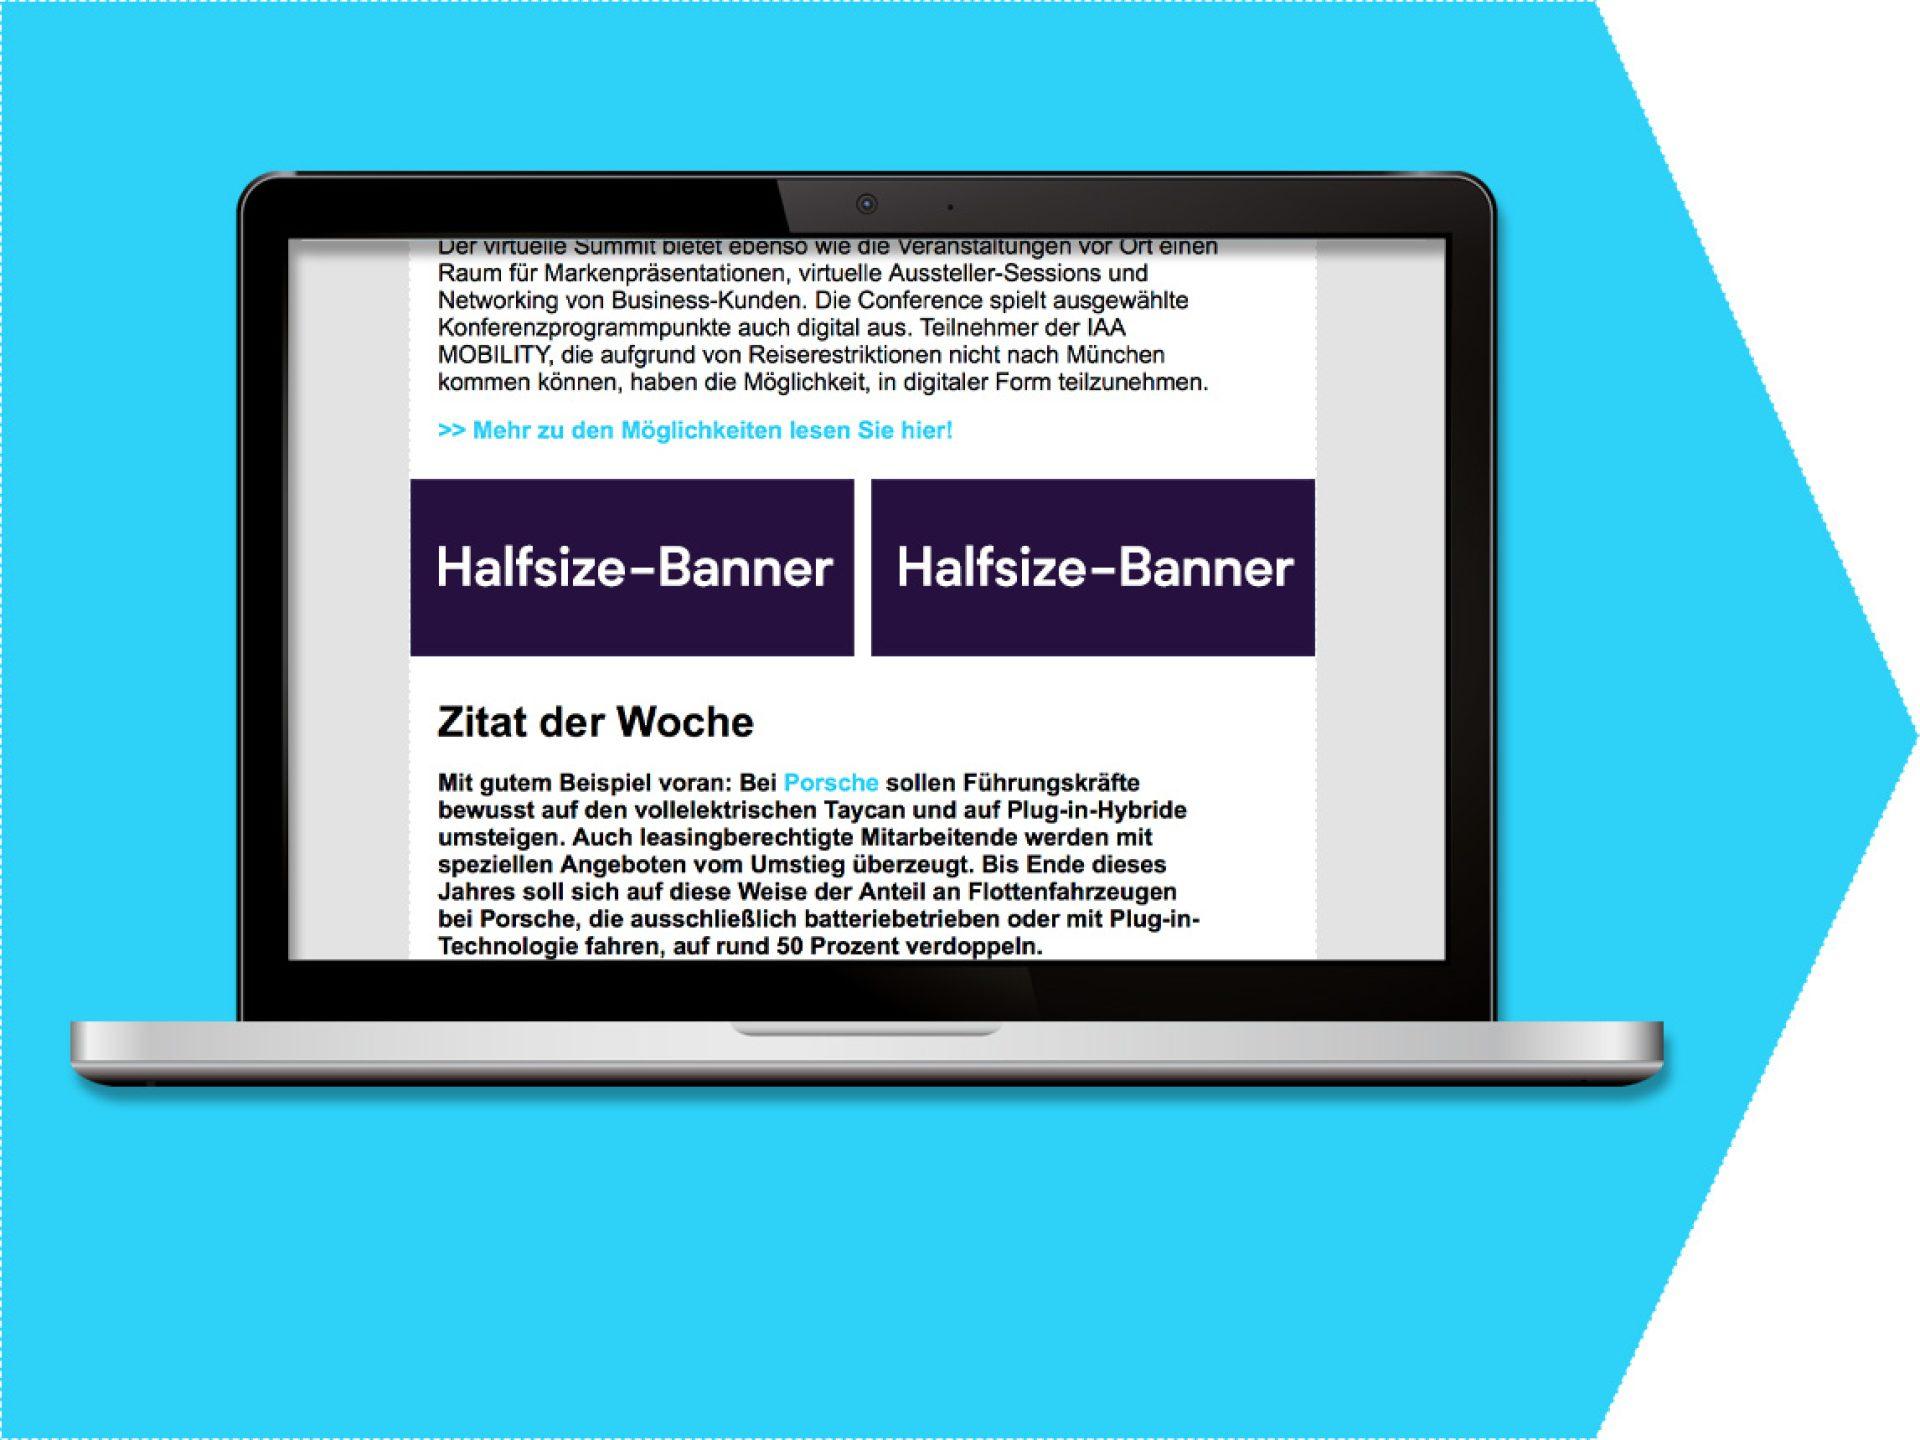 Halfsize-Banner